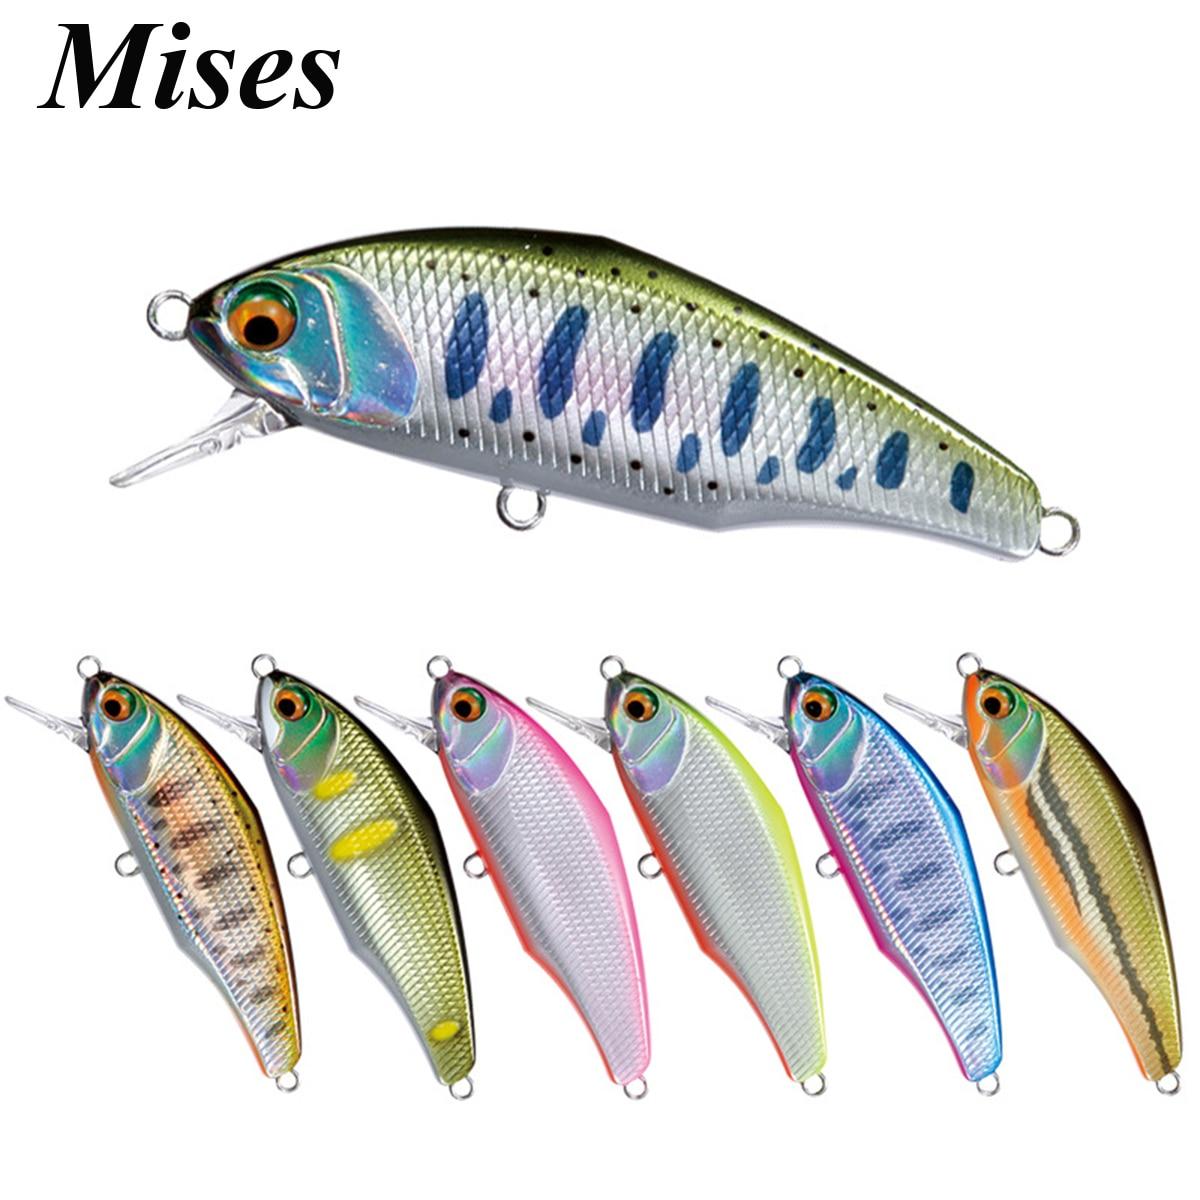 Mises 4.4cm 3.5g Twelve Colors Mini Sinking Bionic Minnow Lure 3D Eyes Artificial Plastic Hard Bait Fishing Lure Wobbler